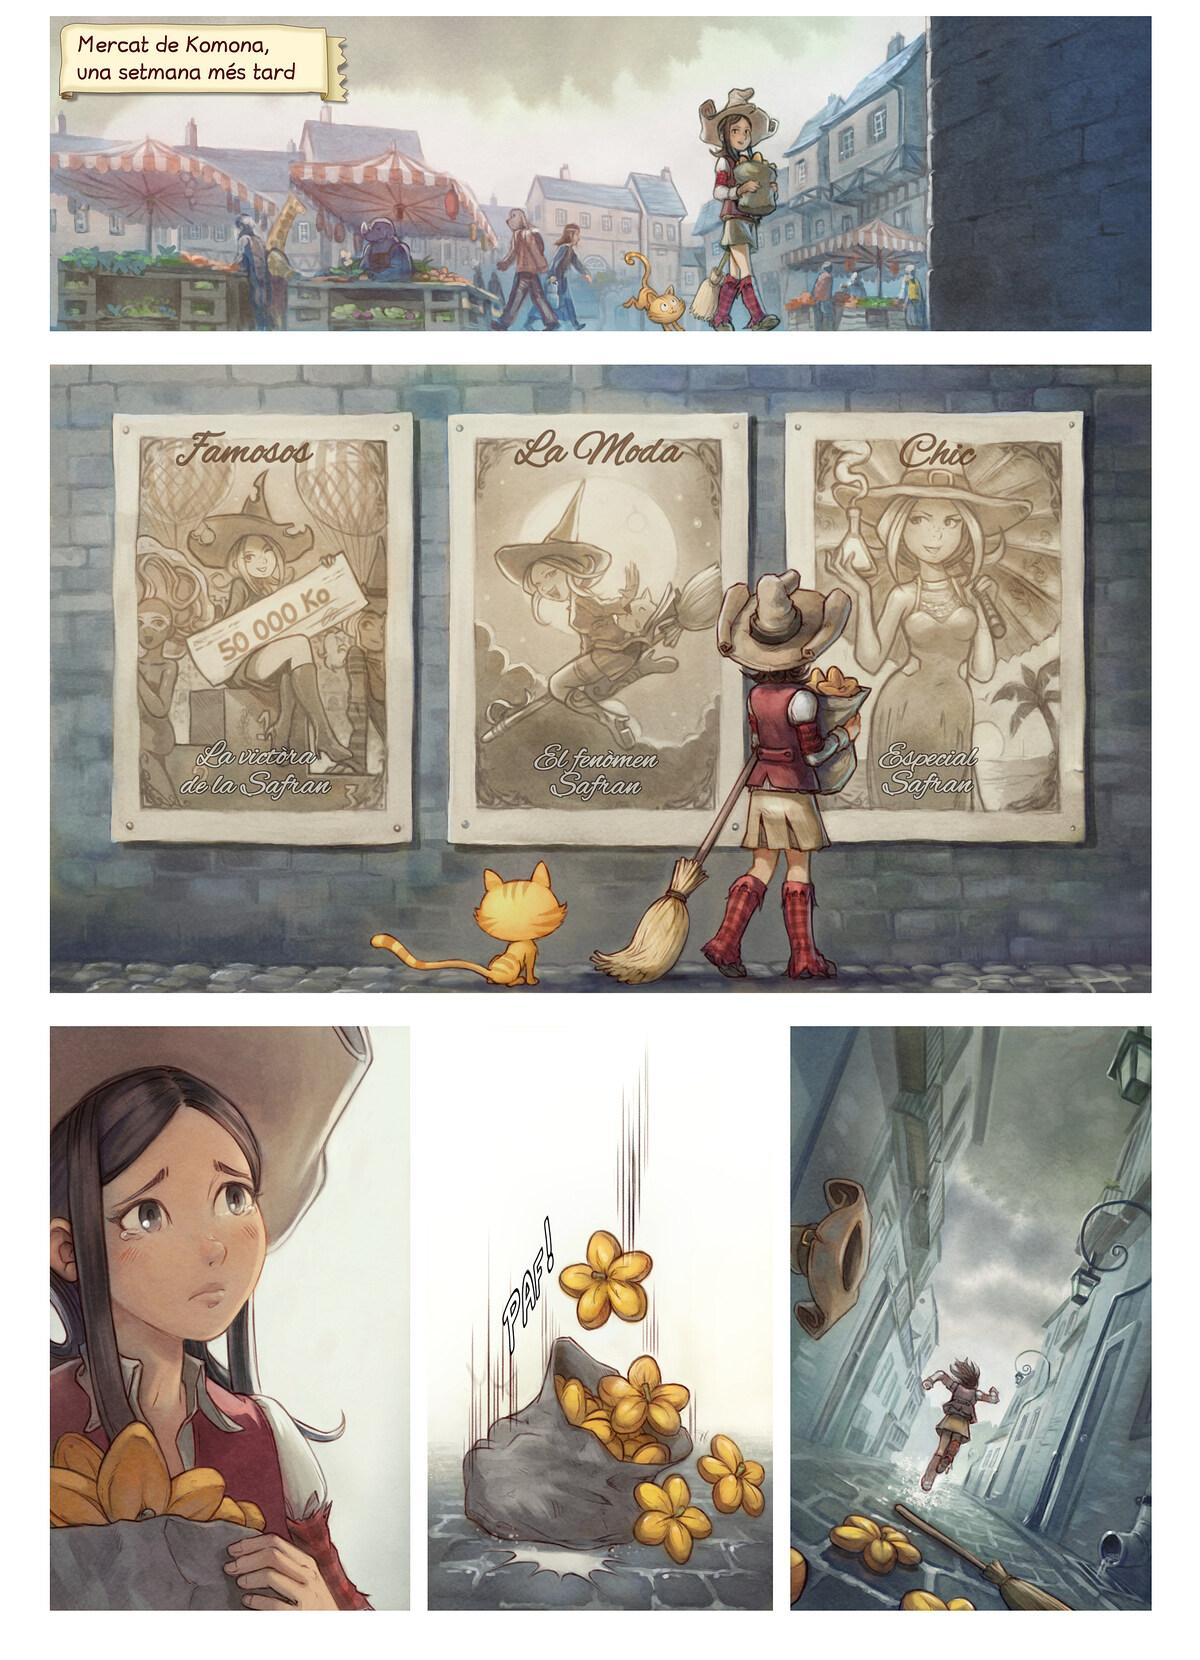 A webcomic page of Pepper&Carrot, episodi 23 [ca], pàgina 1